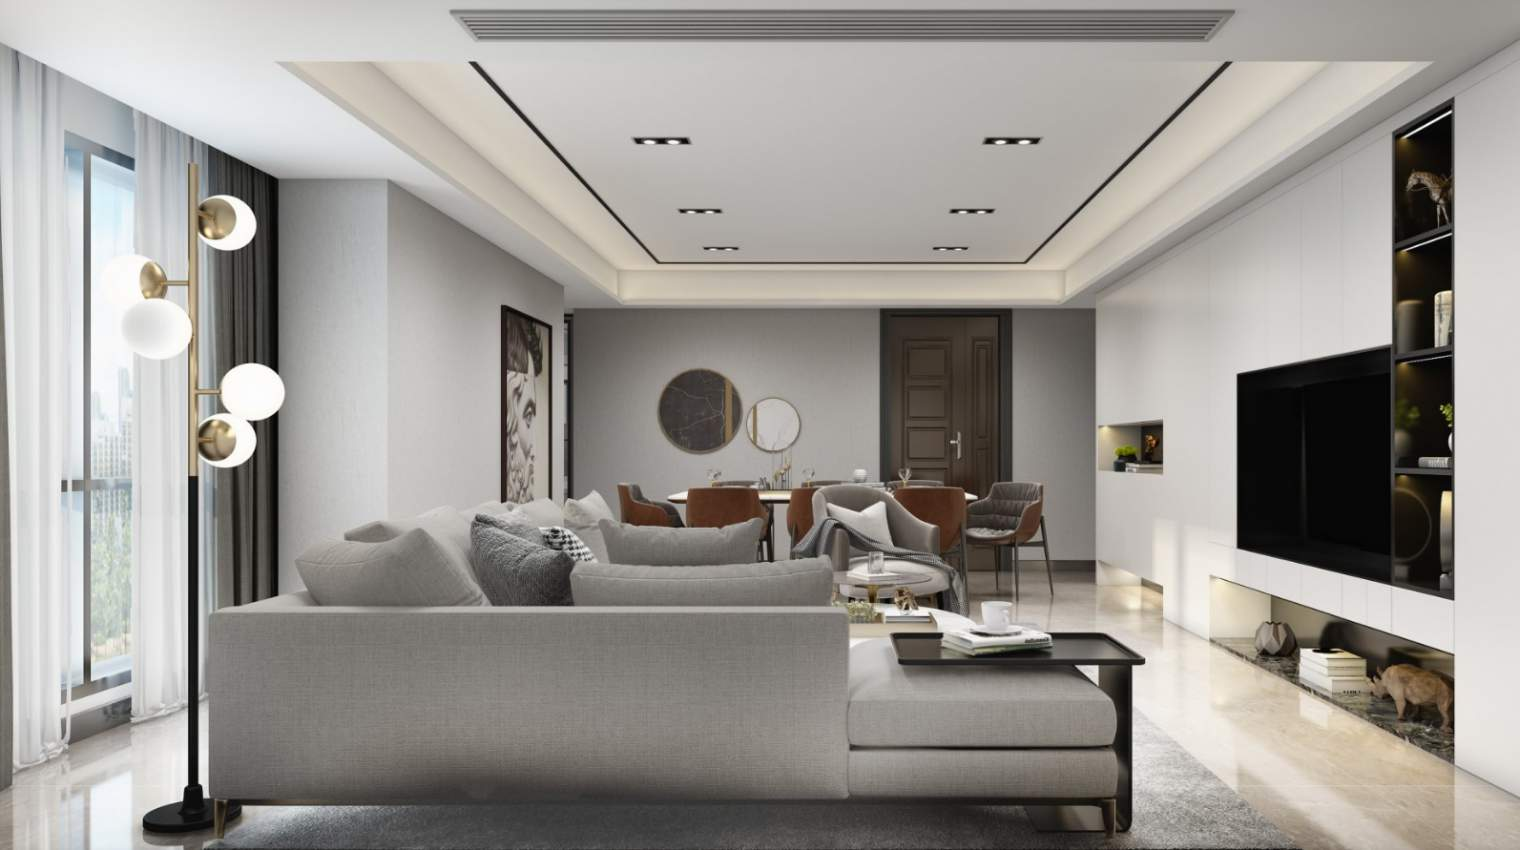 2021年滁州别墅现代风格设计案例